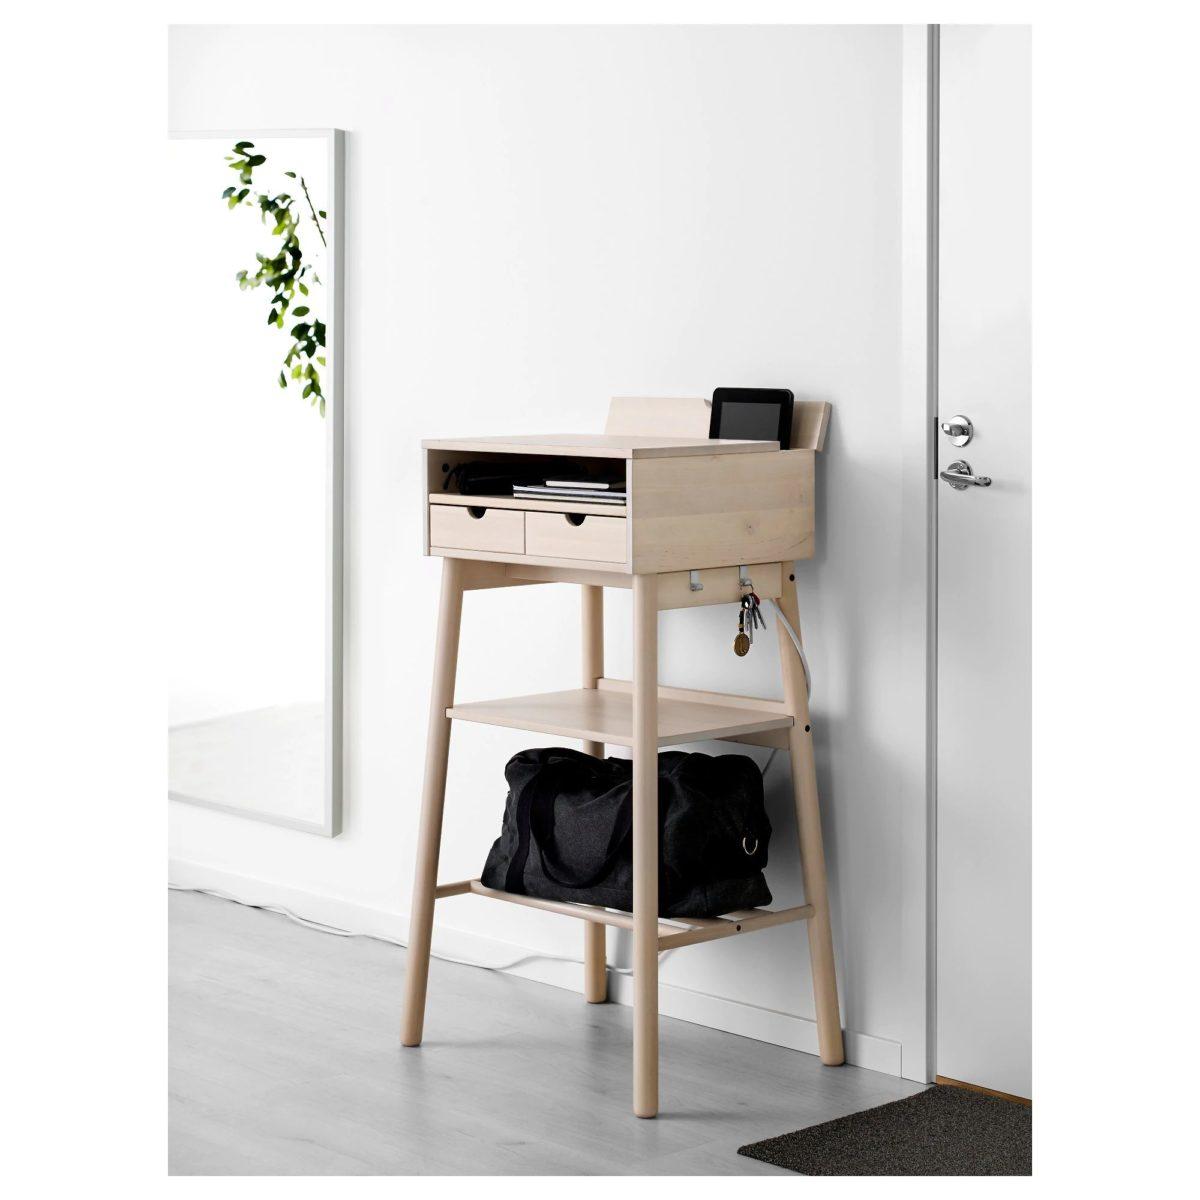 catalogo-ikea-ufficio-2019-scrivania-knotten